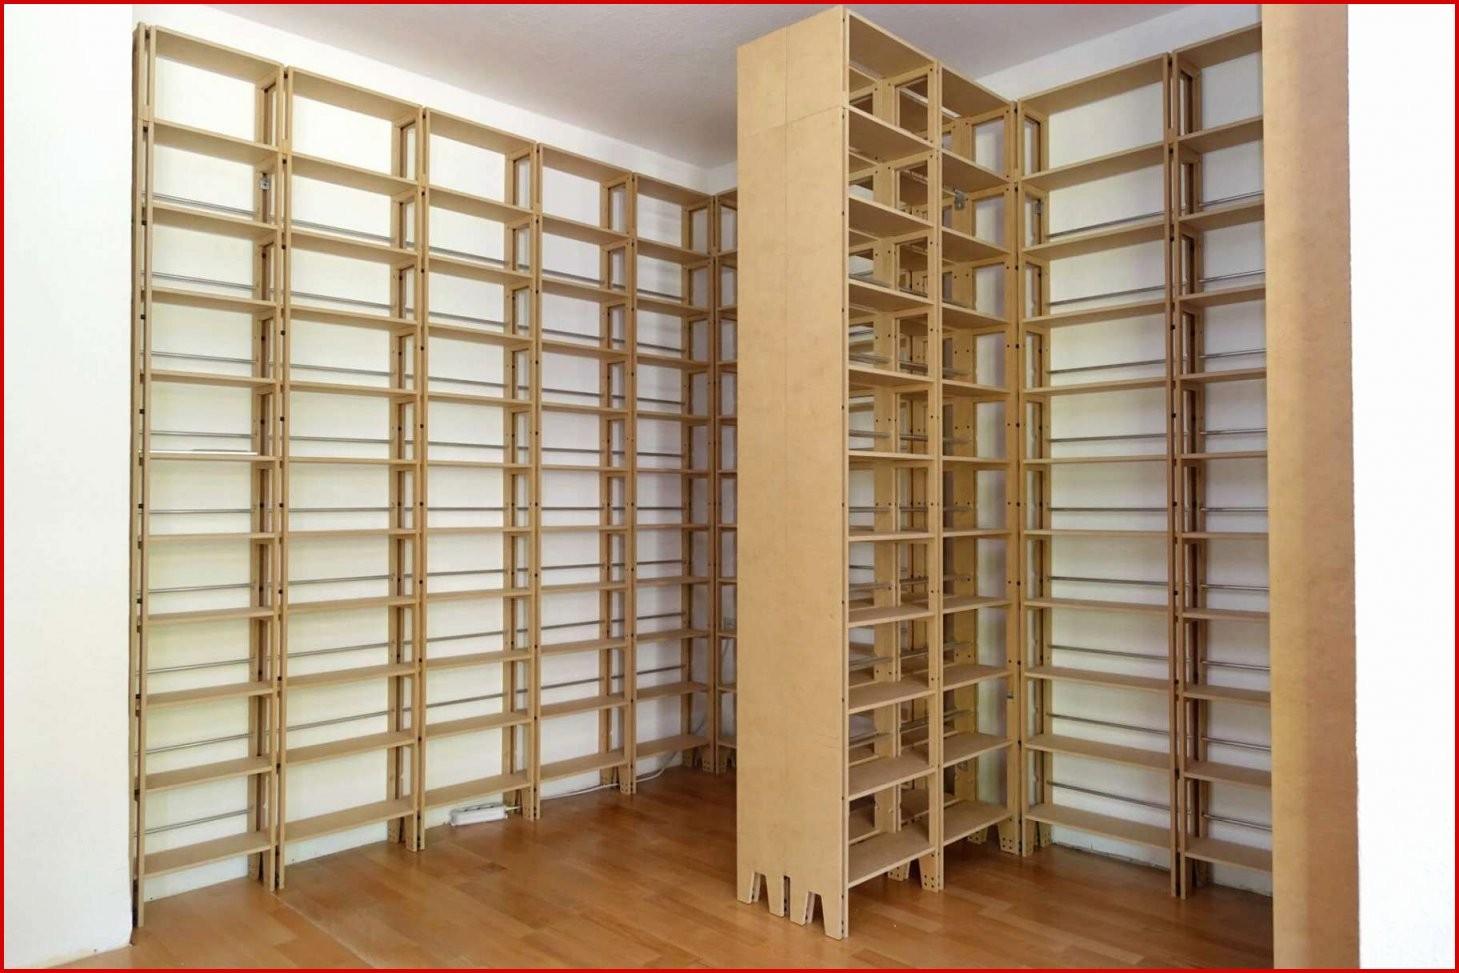 Multiflex Schrank Stufenregal Selber Bauen Elegant Cd Regal Selber von Cd Schrank Selber Bauen Bild